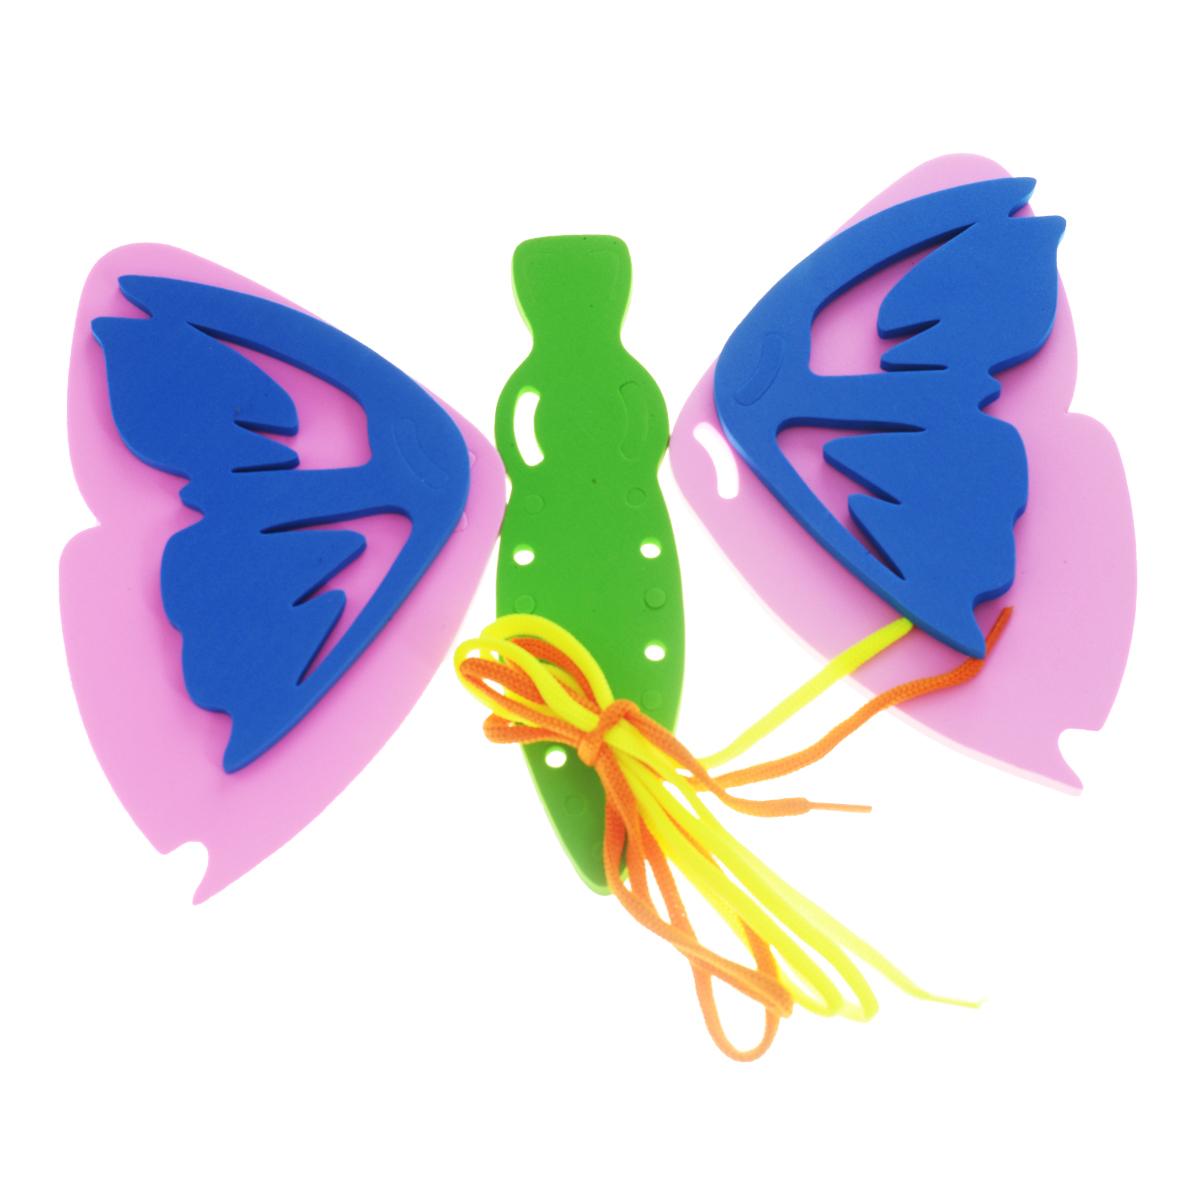 Игра-шнуровка Бабочка103002Яркая игра-шнуровка Бабочка представляет собой основу в виде тела бабочки, на которую при помощи шнурочка крепятся составные крылья. Для каждого элемента предусмотрено свое место, которое должен определить малыш. Элементы выполнены из мягкого полимера, детали гнутся, но не ломаются. Кроме того их можно намочить, благодаря чему они будут хорошо прилипать к стене в ванной комнате, поэтому малыш сможет играть со шнуровкой во время купания. Занимательная игра-шнуровка Бабочка поможет малышу развить мелкую моторику рук, логическое мышление и фантазию.